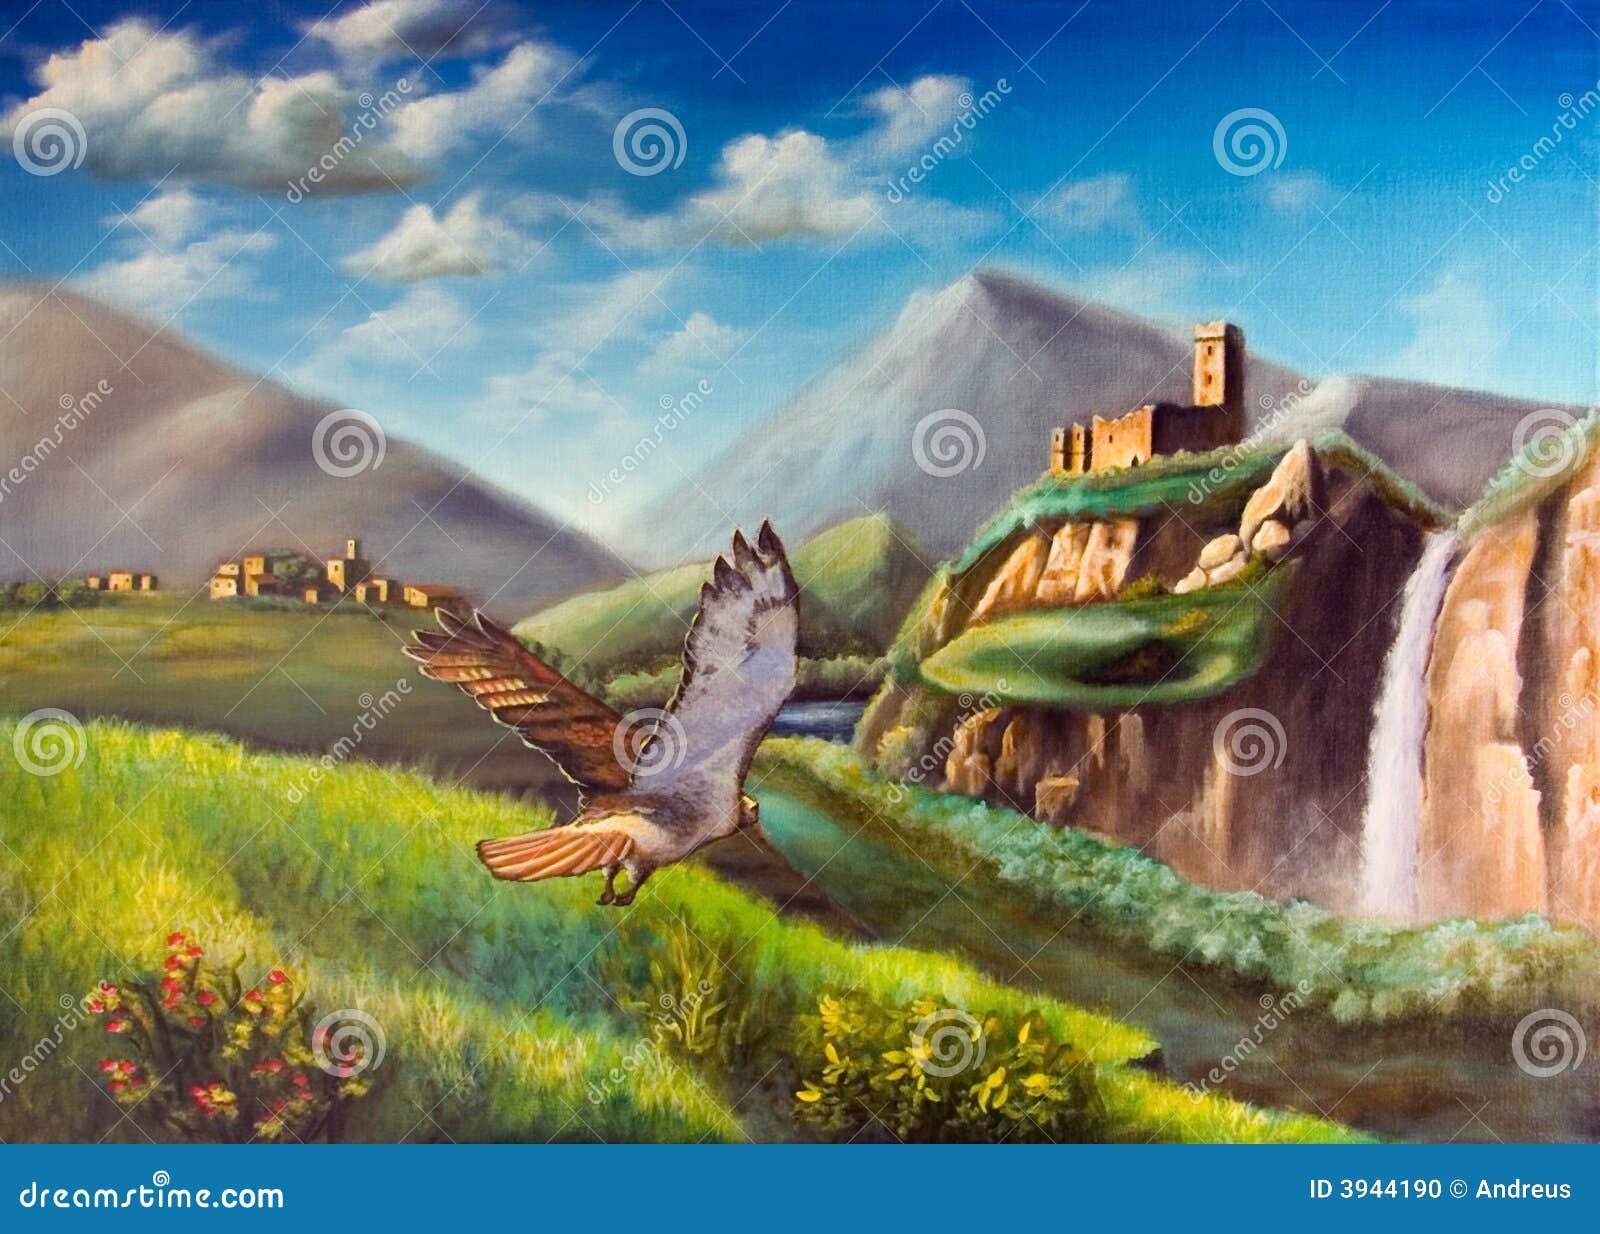 Fantazja krajobrazu